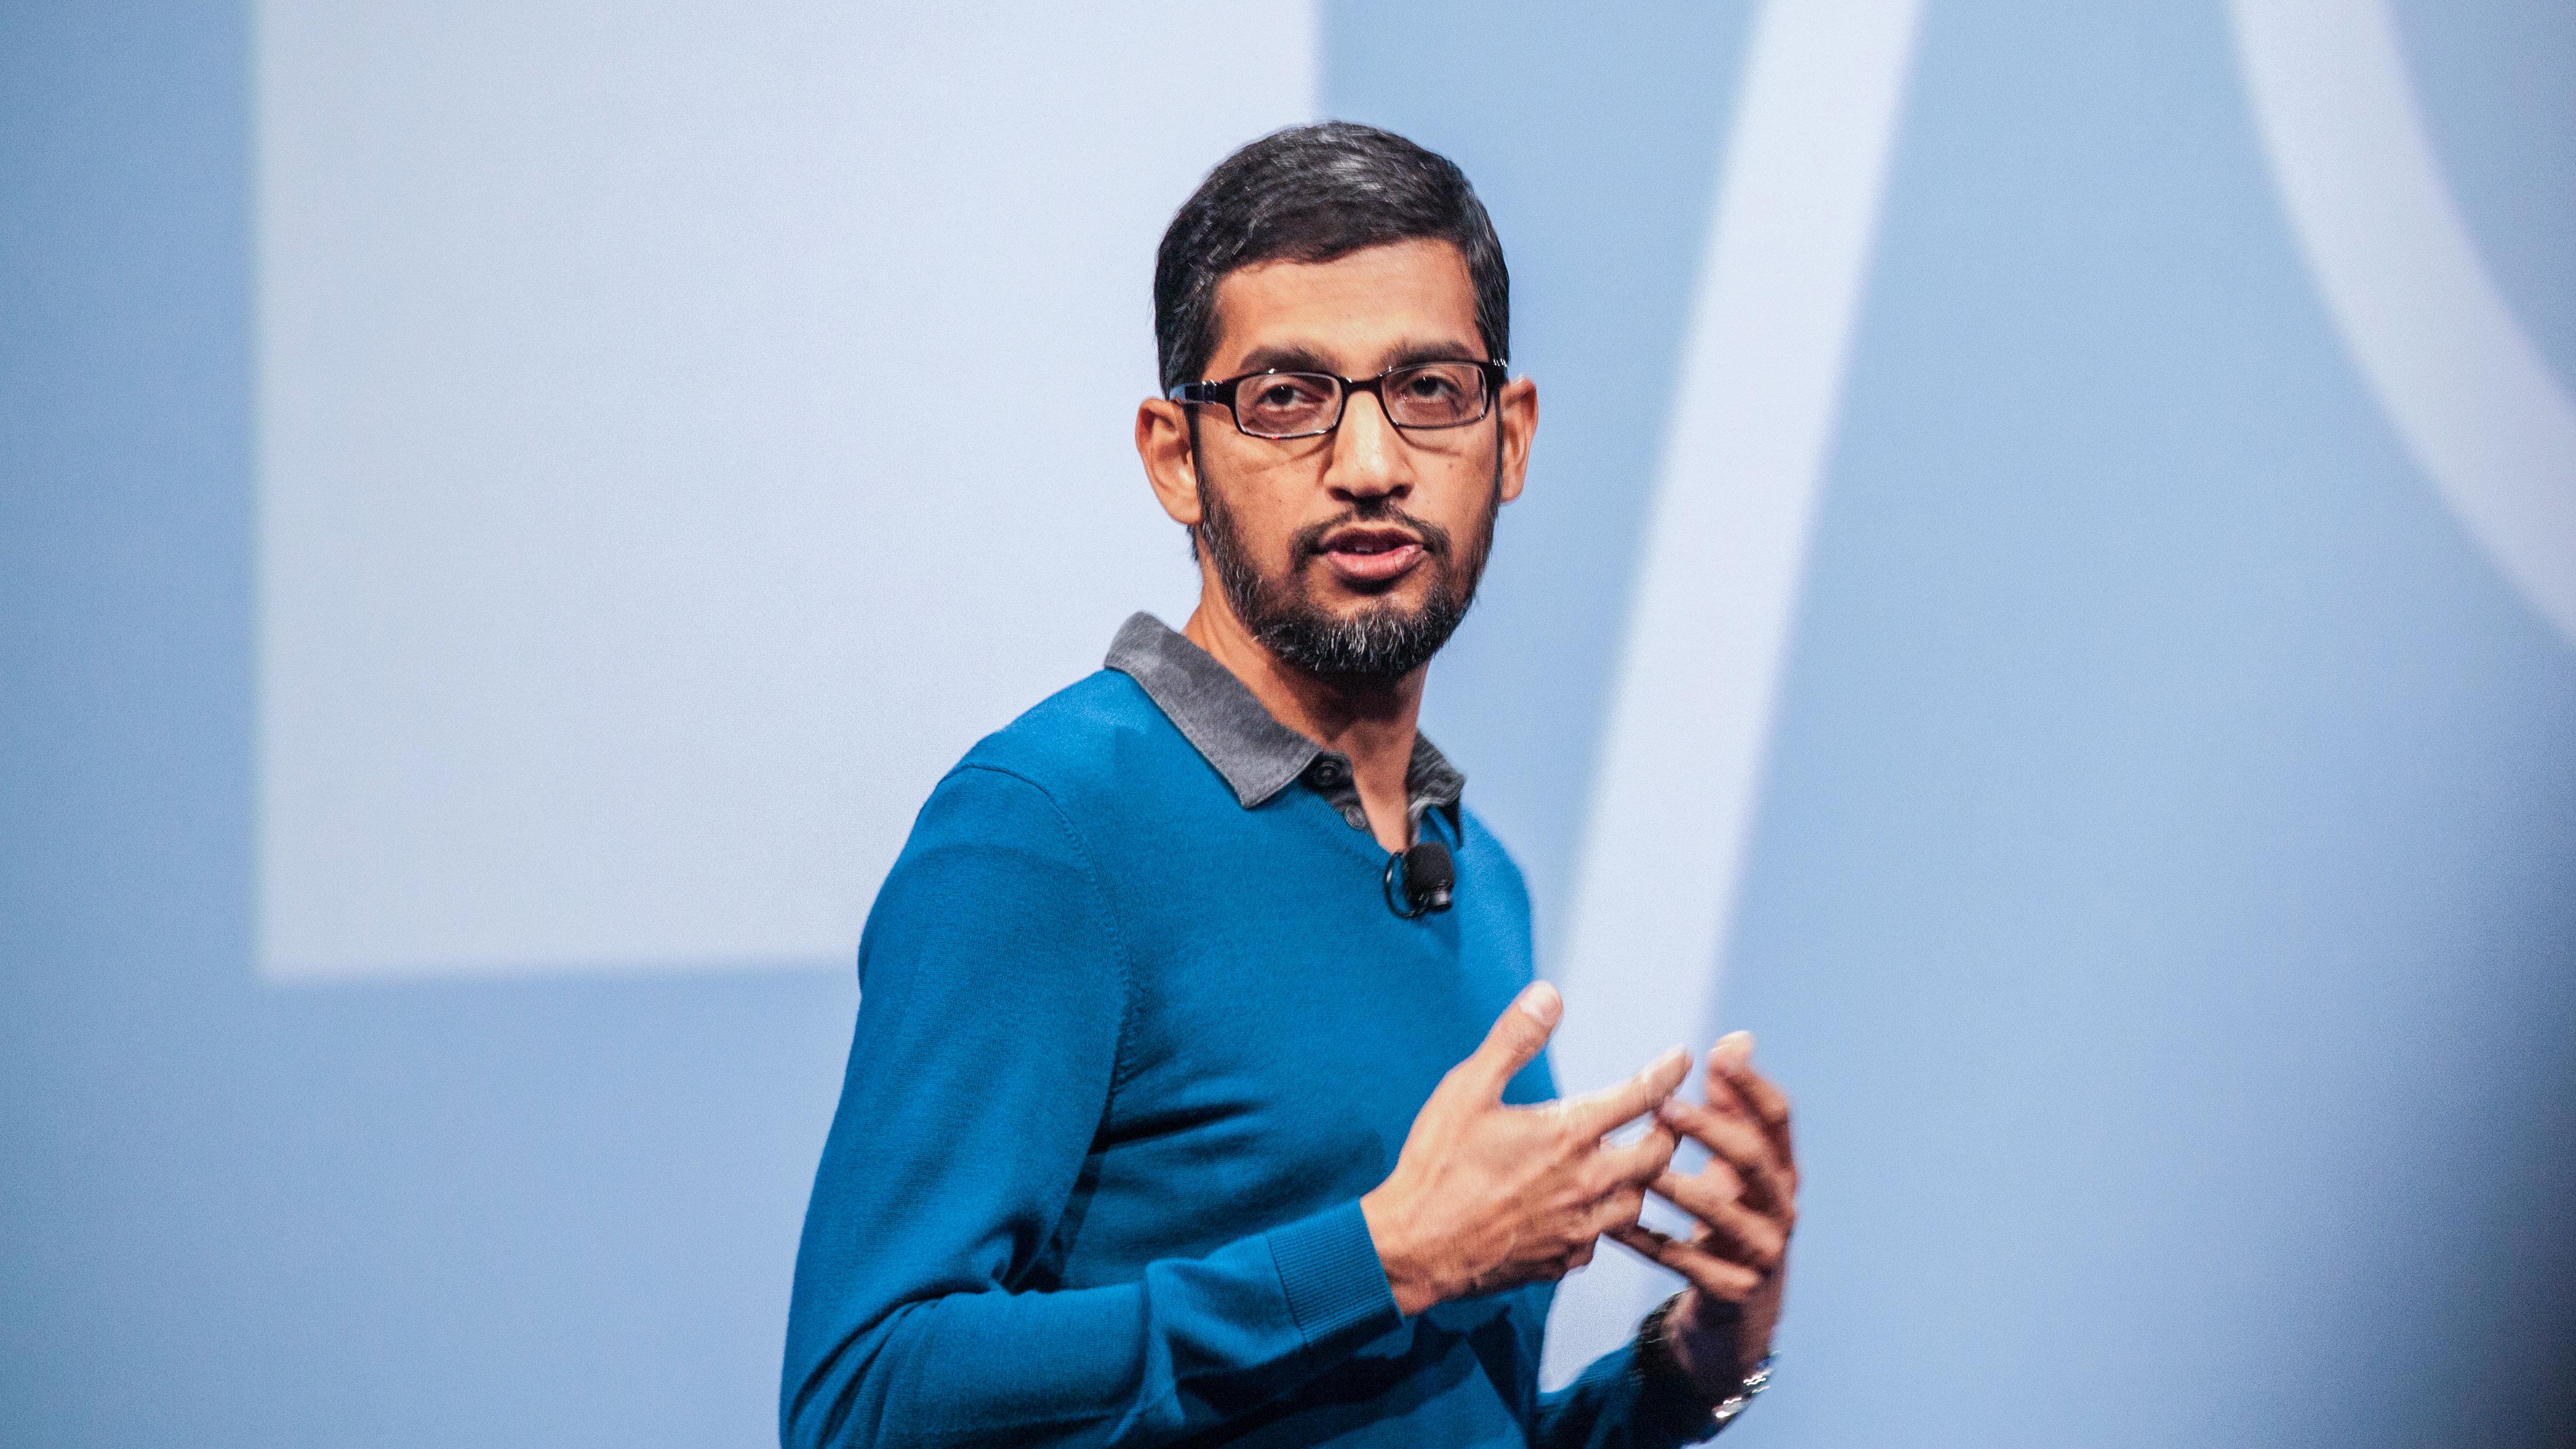 google ceo sundar pichai google i/o conference